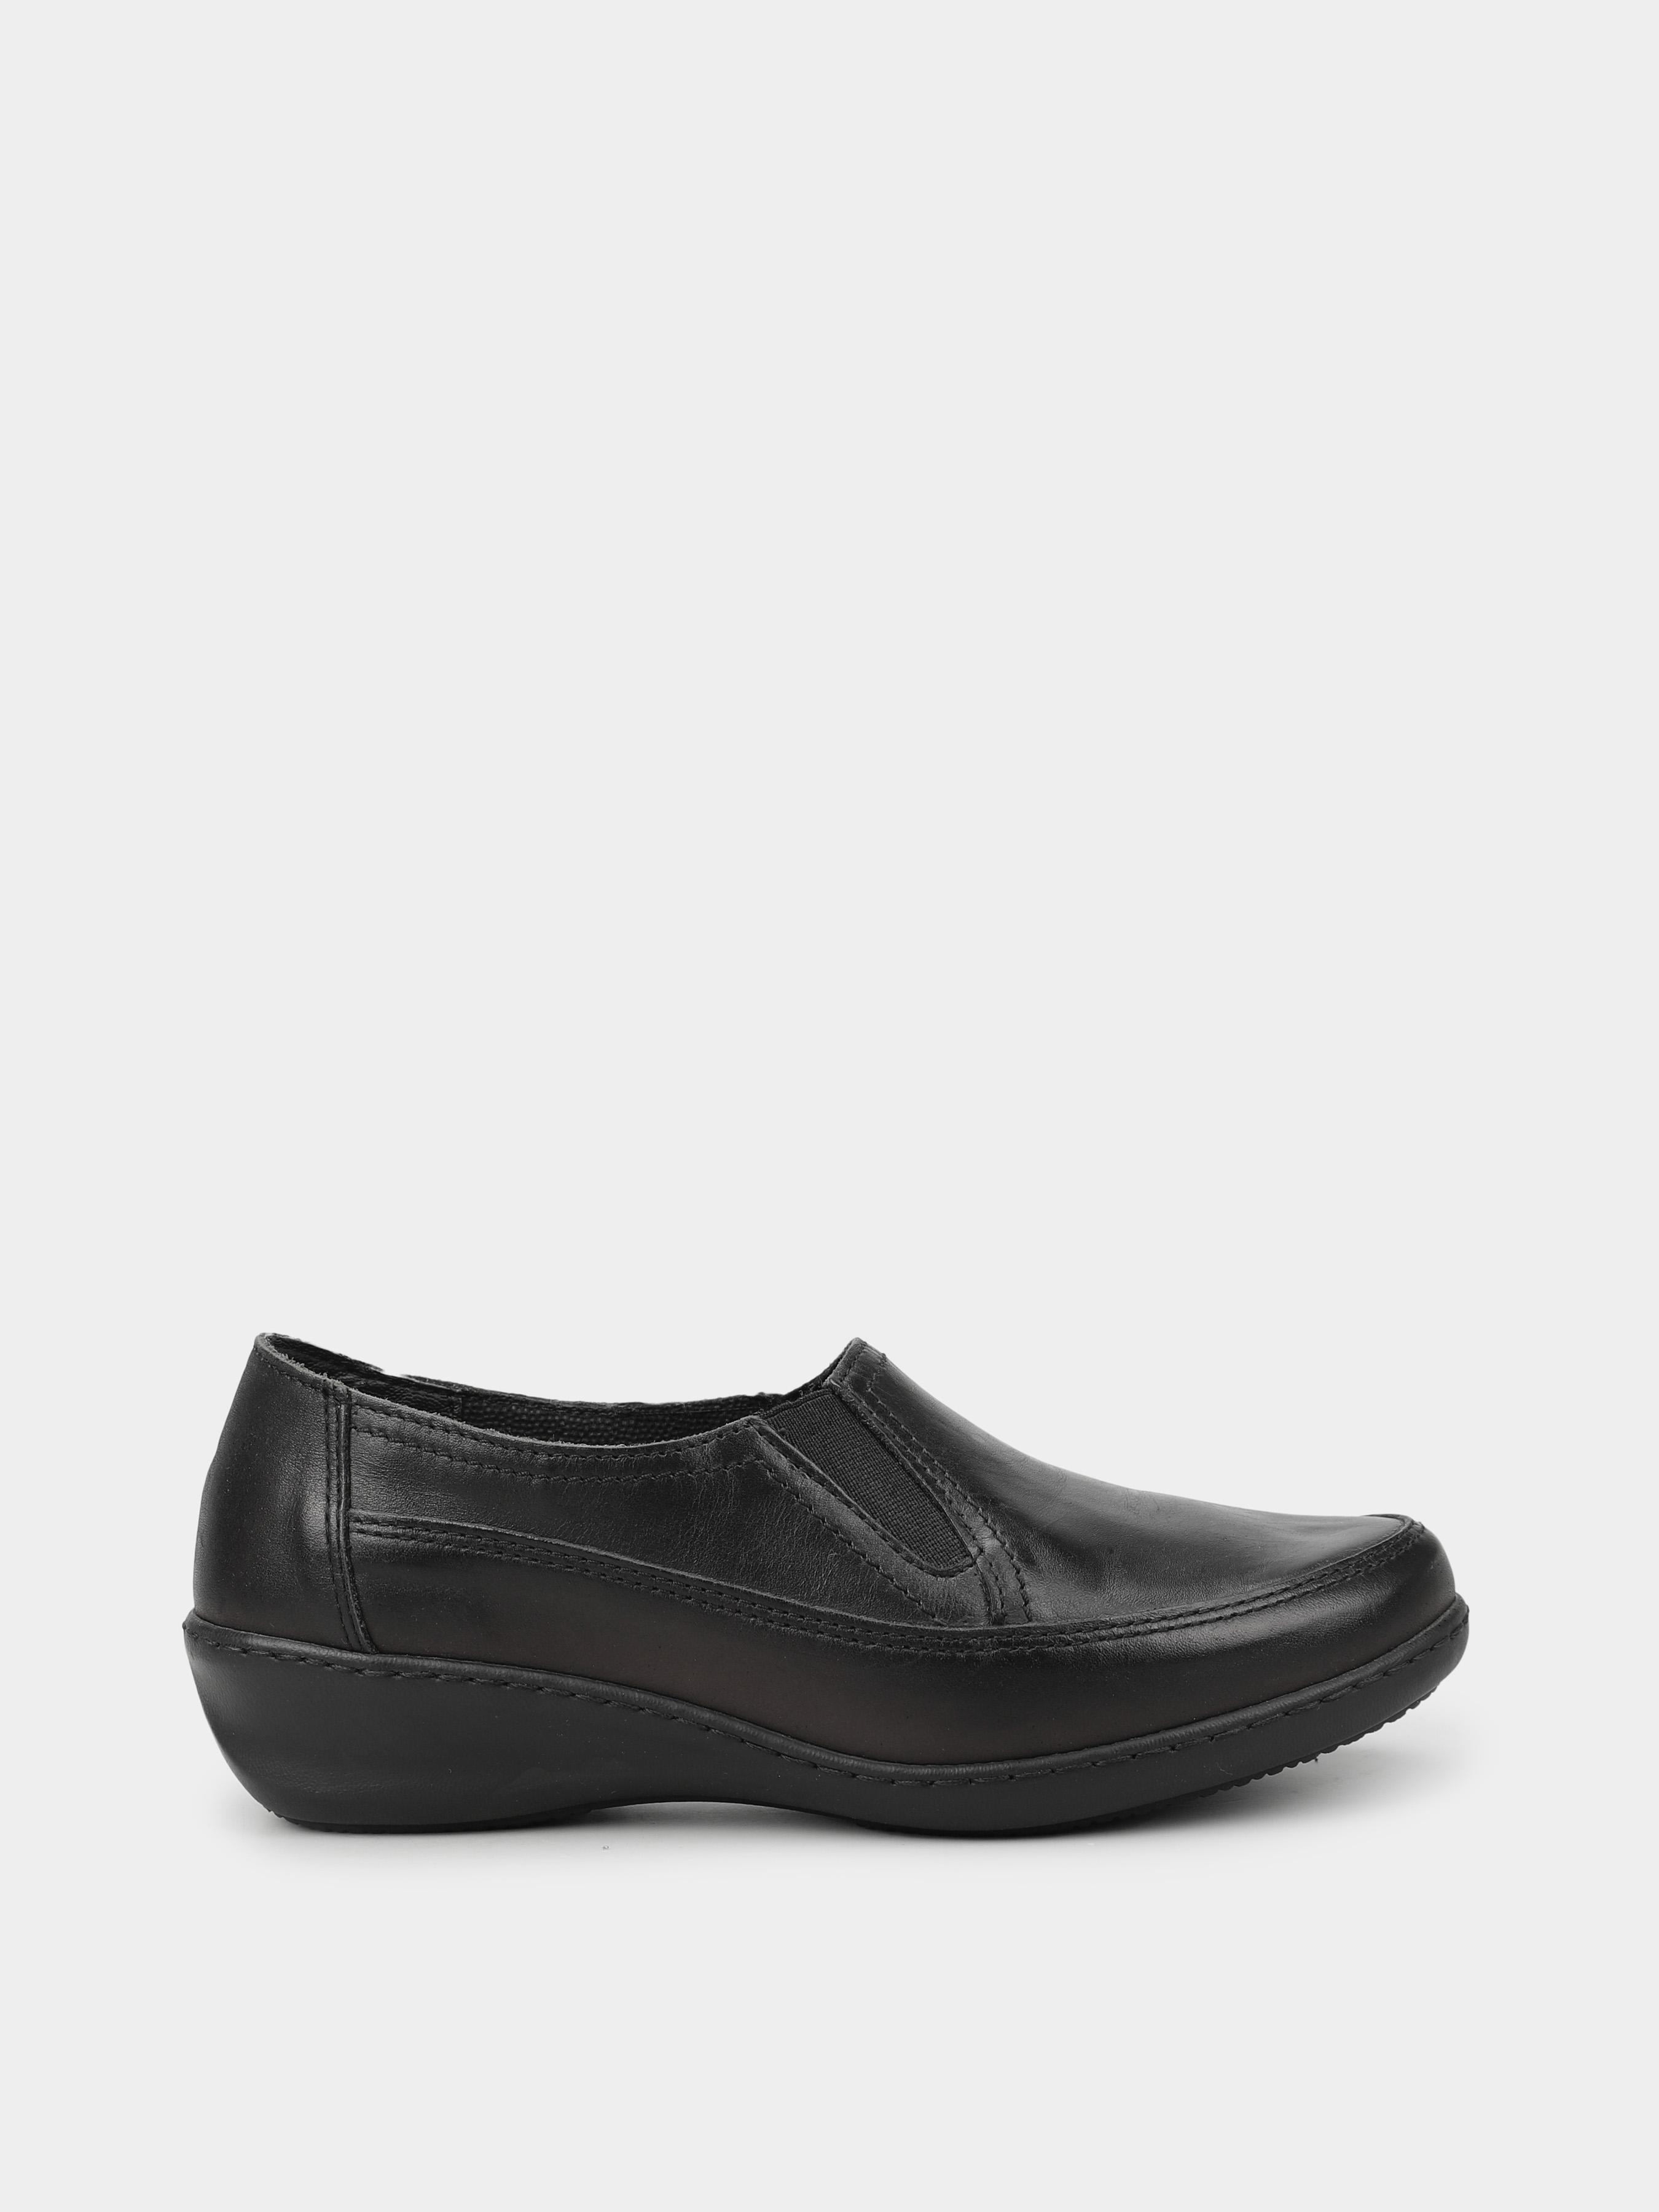 Купить Туфли женские Braska 2S56, Черный